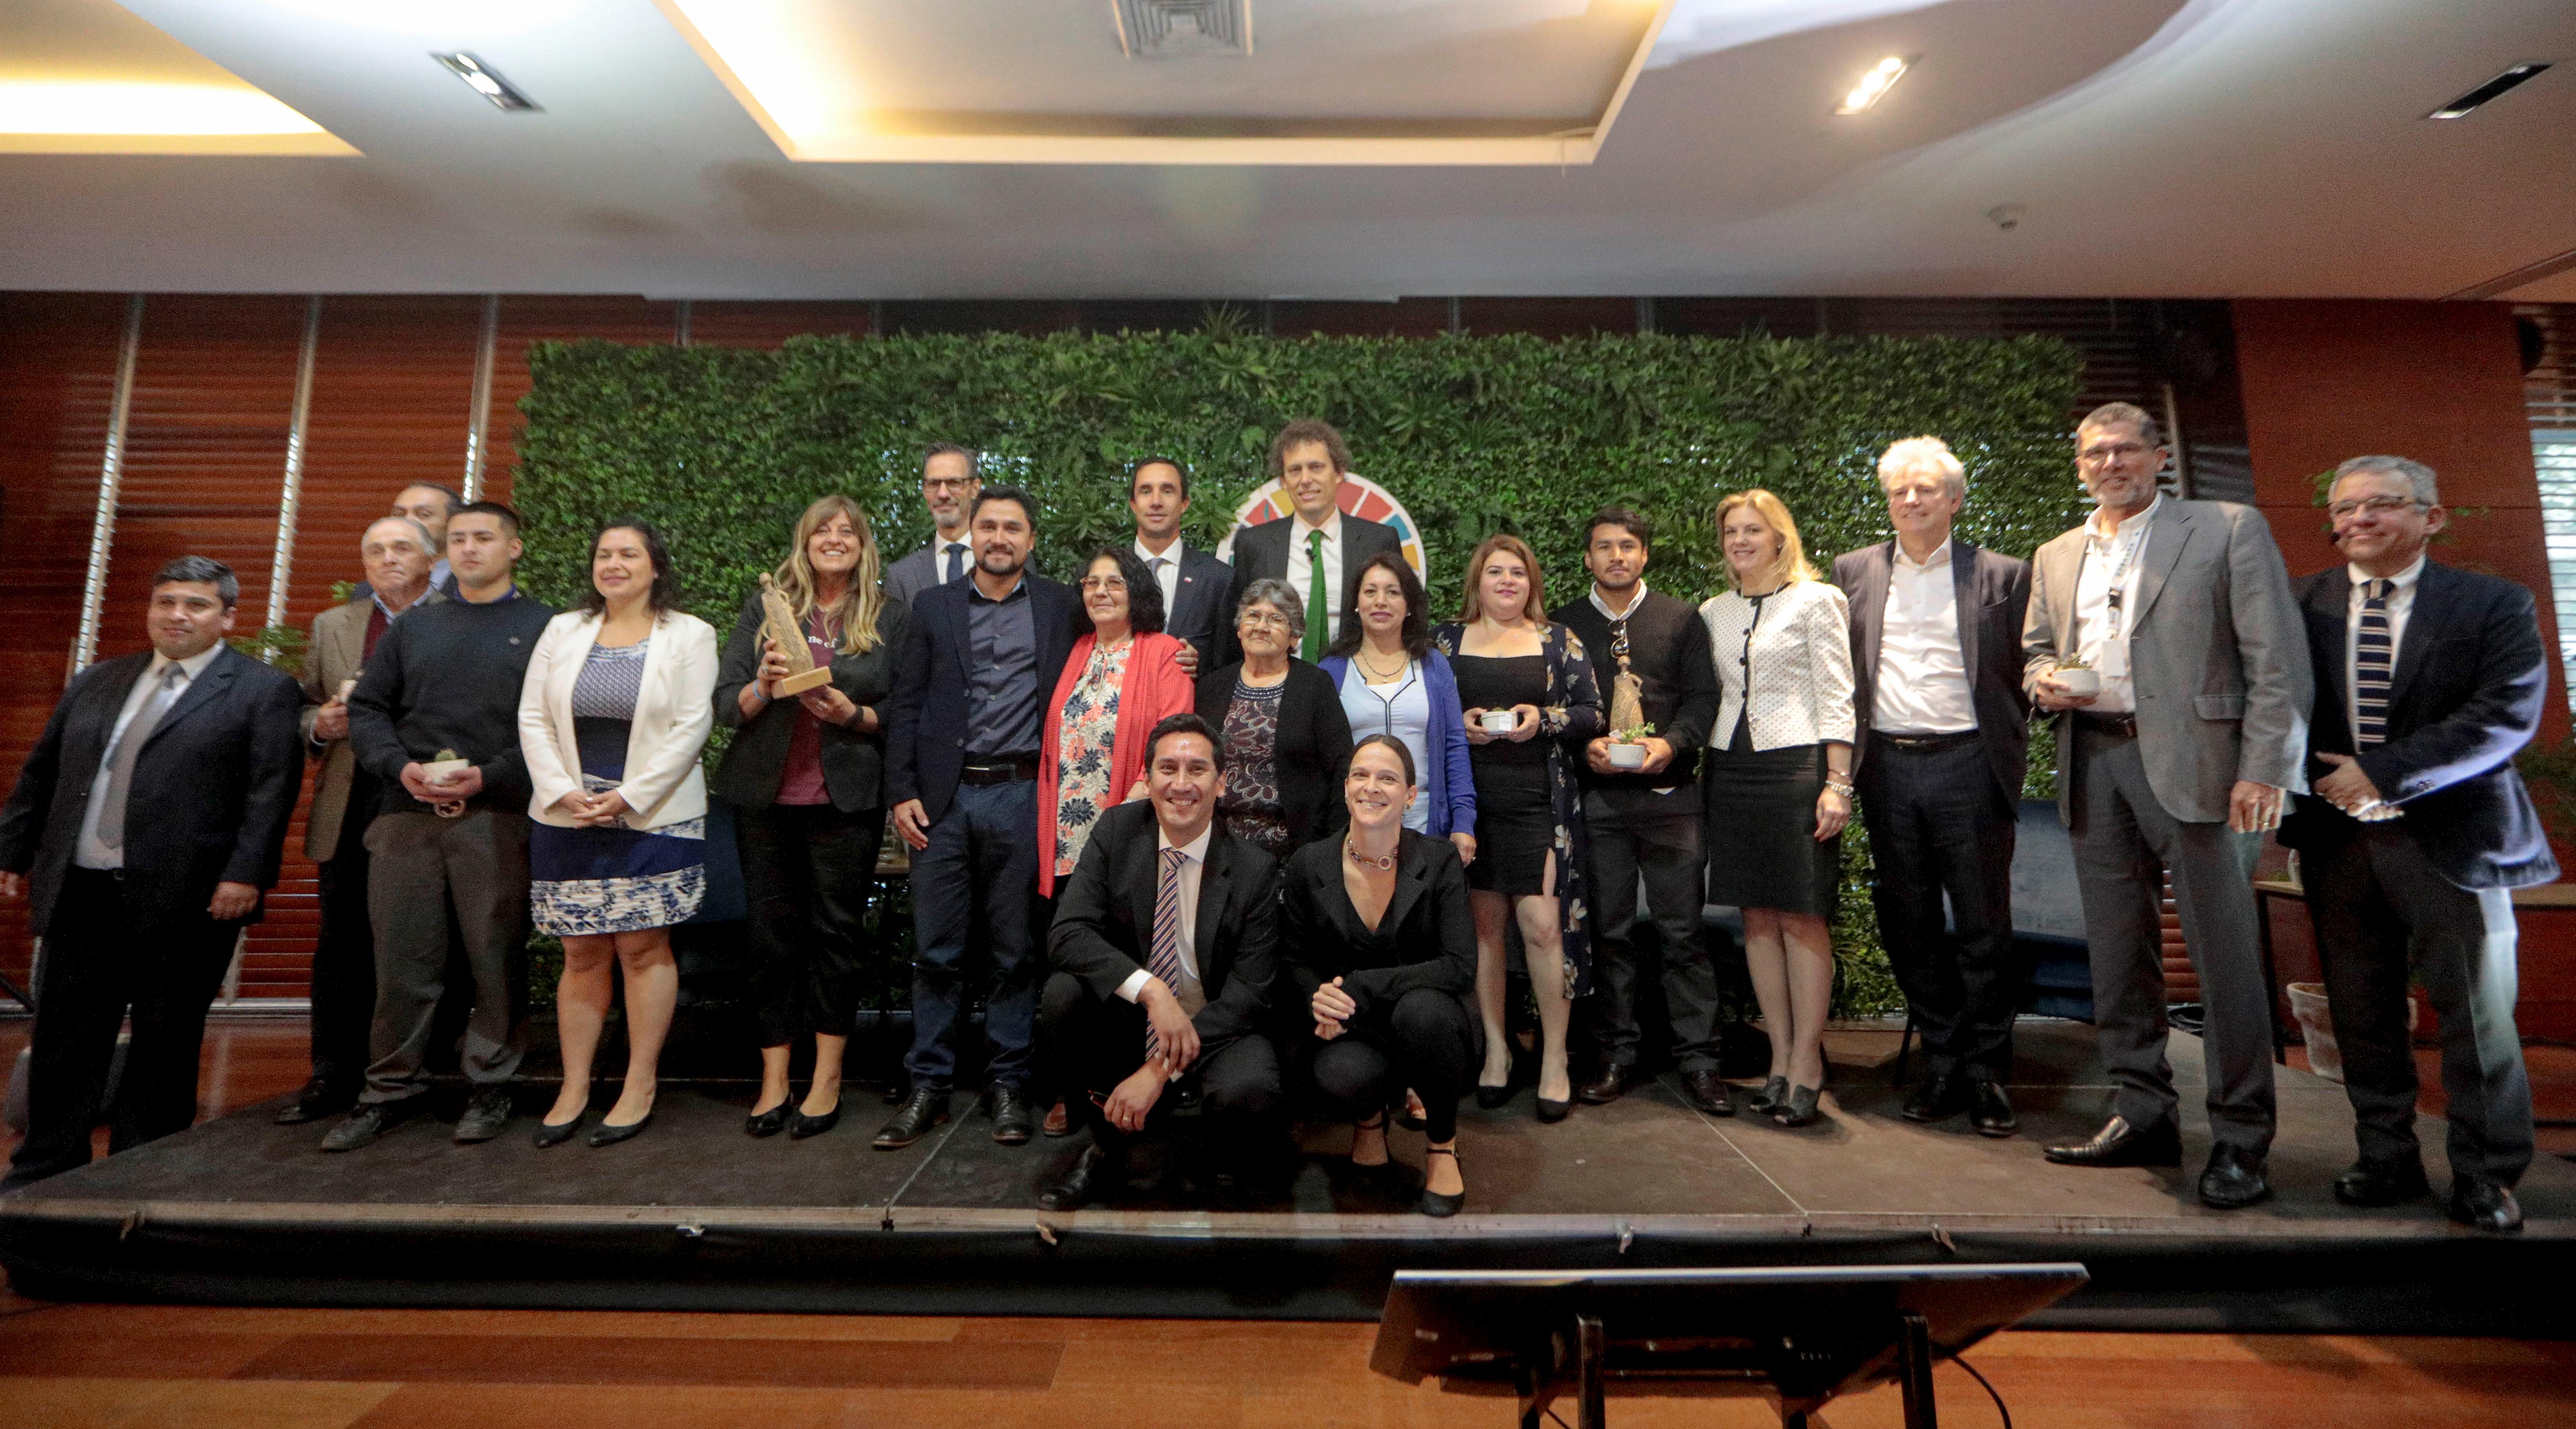 Inversiones sostenibles: más allá de una buena práctica